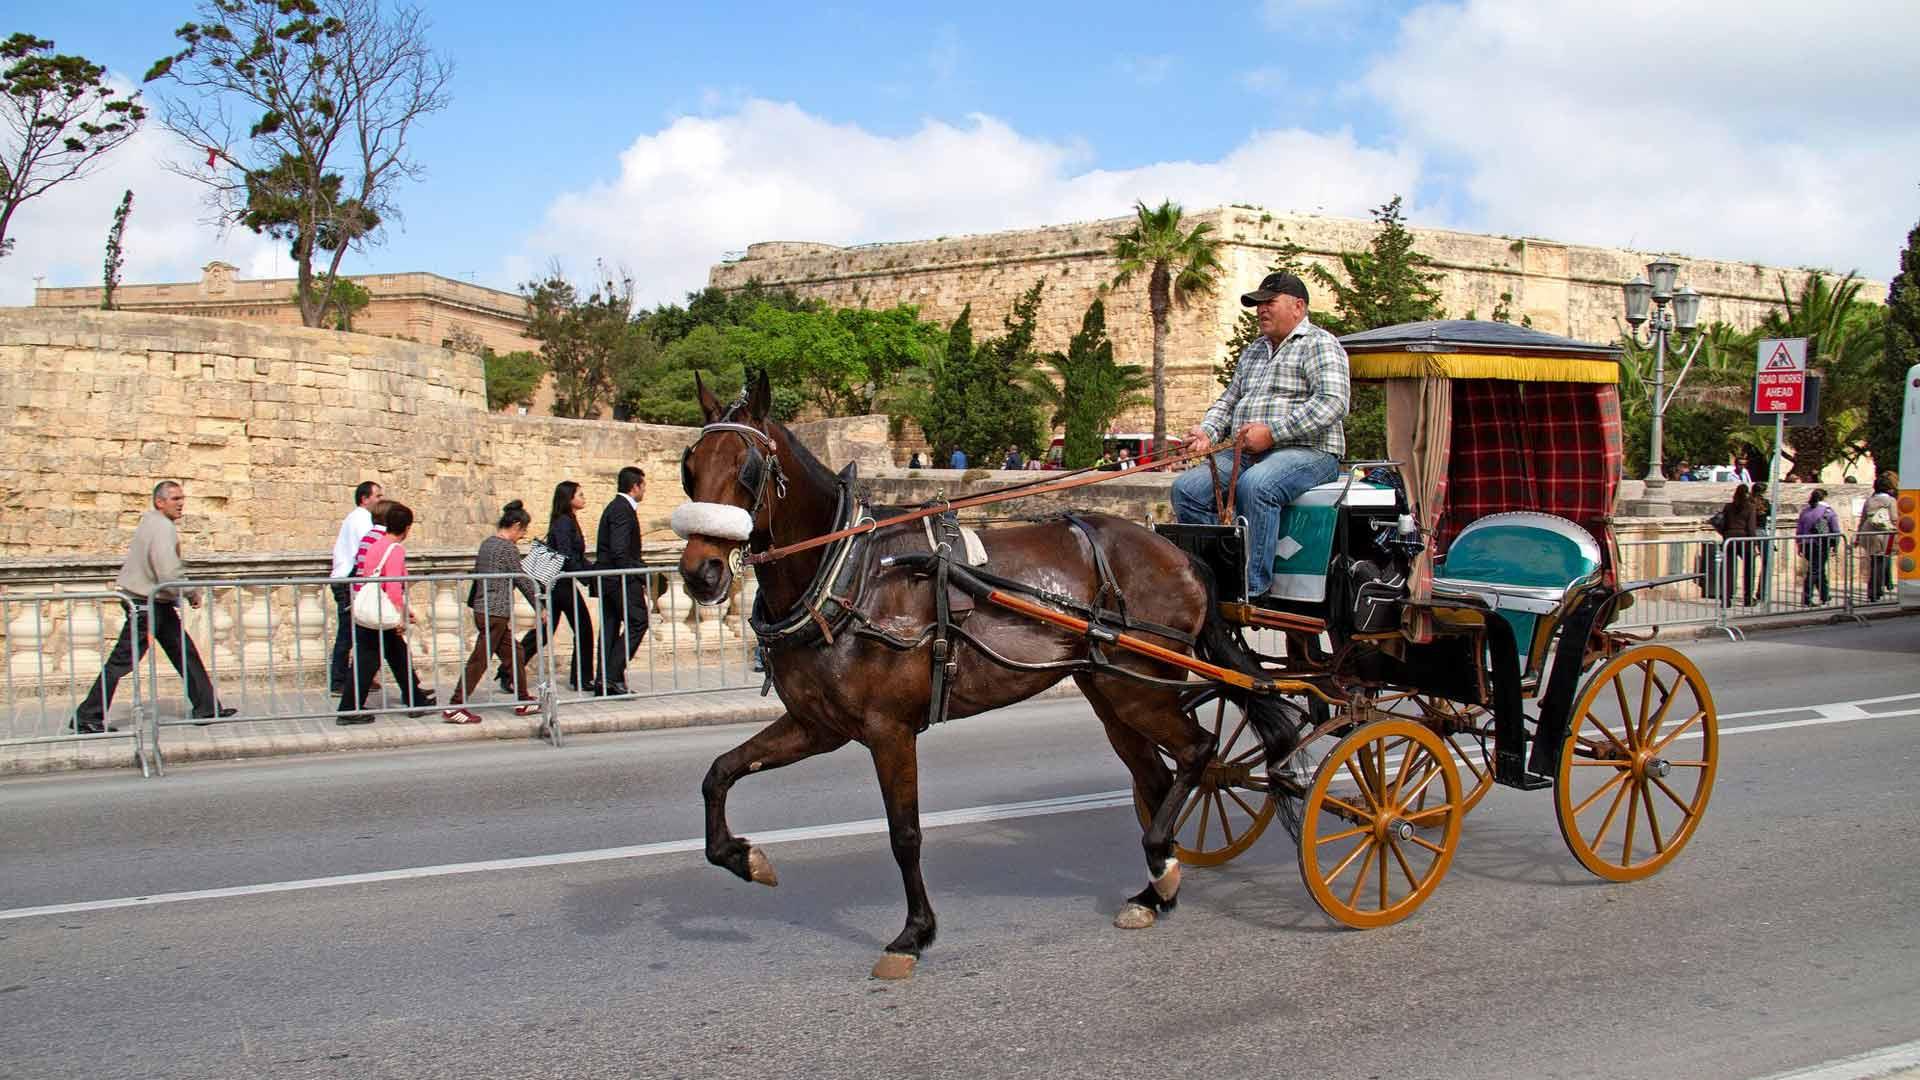 Malta on hyvin tasainen lukuunottamatta pääkaupunkia, kallion päälle rakennettua Valletaa. Kun väsyy kiipeämään Valletan mäkiä, voi jatkaa hevoskyydillä. Se sopii kaupungin tunnelmaan.